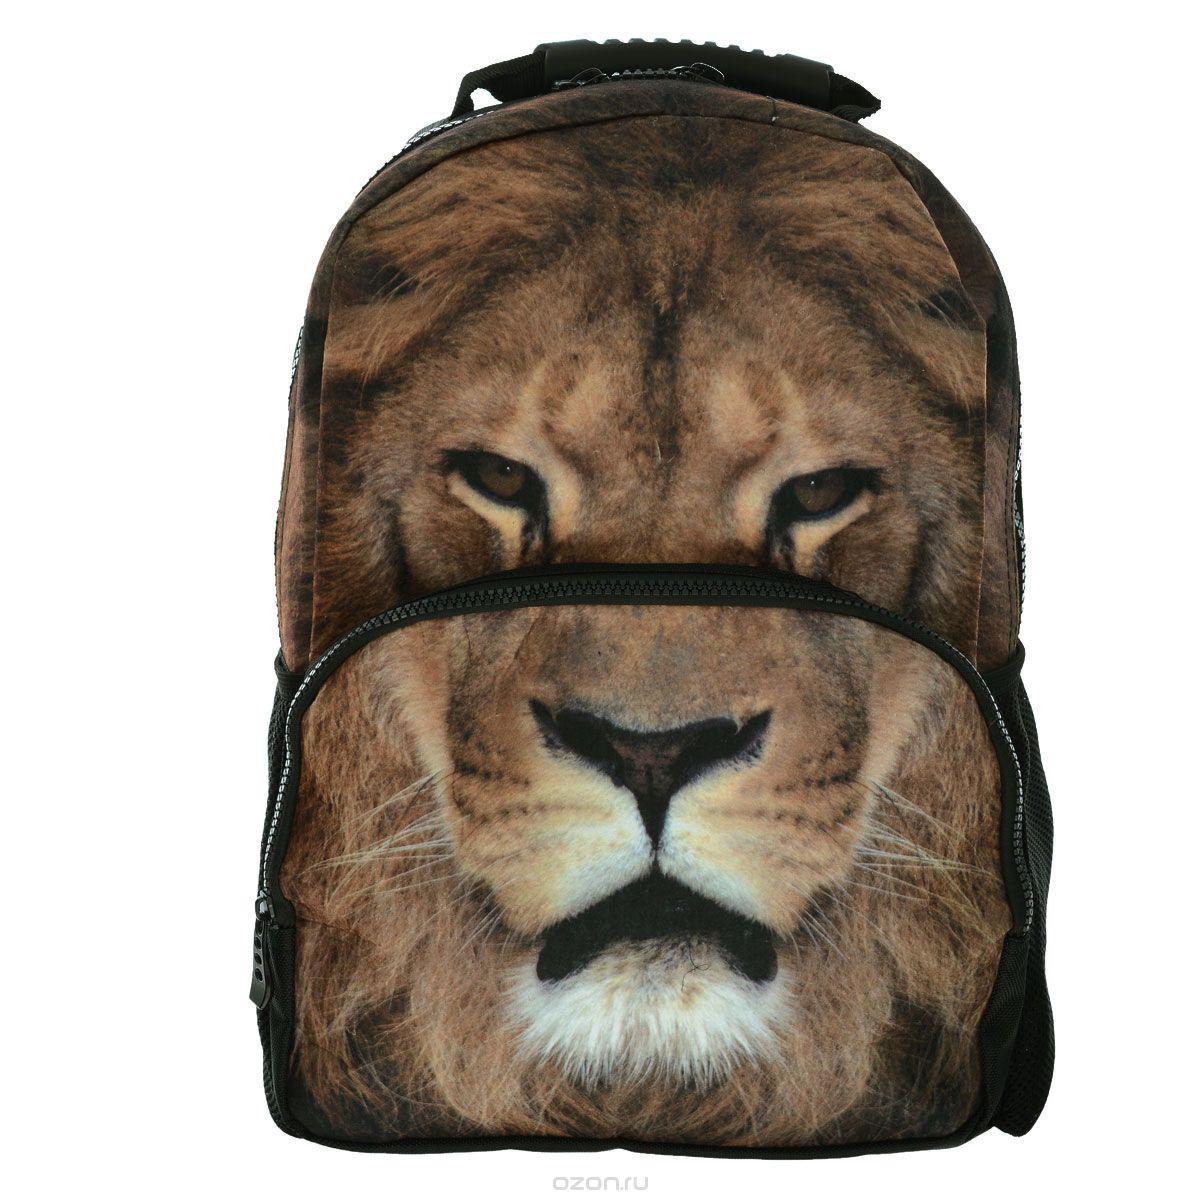 Рюкзак школьный Trend Line Lion, цвет: черный72523WDСтильный школьный рюкзак Trend Line выполнен из полиэстера, дополнен вставкой из флиса, которая оформлена художественной печатью с изображением Lion.Рюкзак имеет одно основное отделение, закрывающееся на застежку-молнию. Снаружи, на лицевой стороне, рюкзака размещен накладной карман на молнии, внутри которого предусмотрен еще один накладной карман на липучке. С двух сторон изделия расположены два накладных сетчатых кармашка. В верхней части изделия предусмотрена эргономичная ручка для переноски, а также предусмотрены регулируемые лямки.Такой рюкзак станет незаменимым спутником вашего ребенка в походах за знаниями.